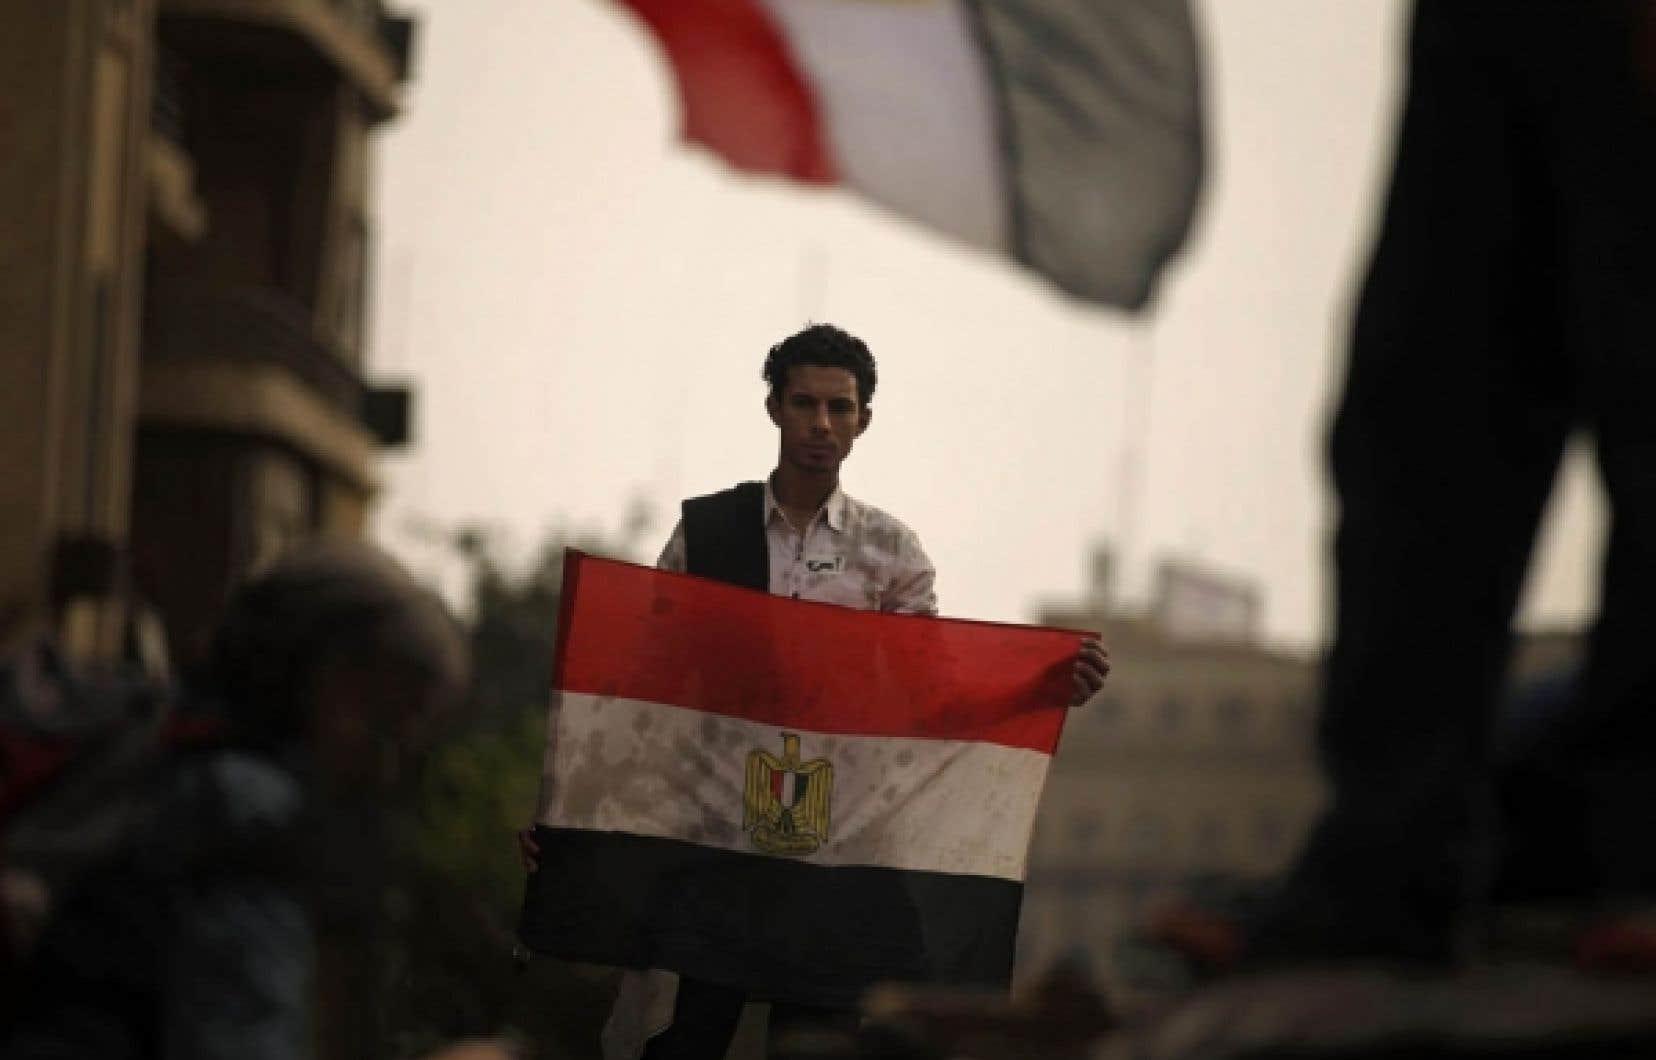 Un manifestant anti-Moubarak dans les rues du Caire, où plusieurs centaines de milliers de personnes se sont massées hier dans le calme.